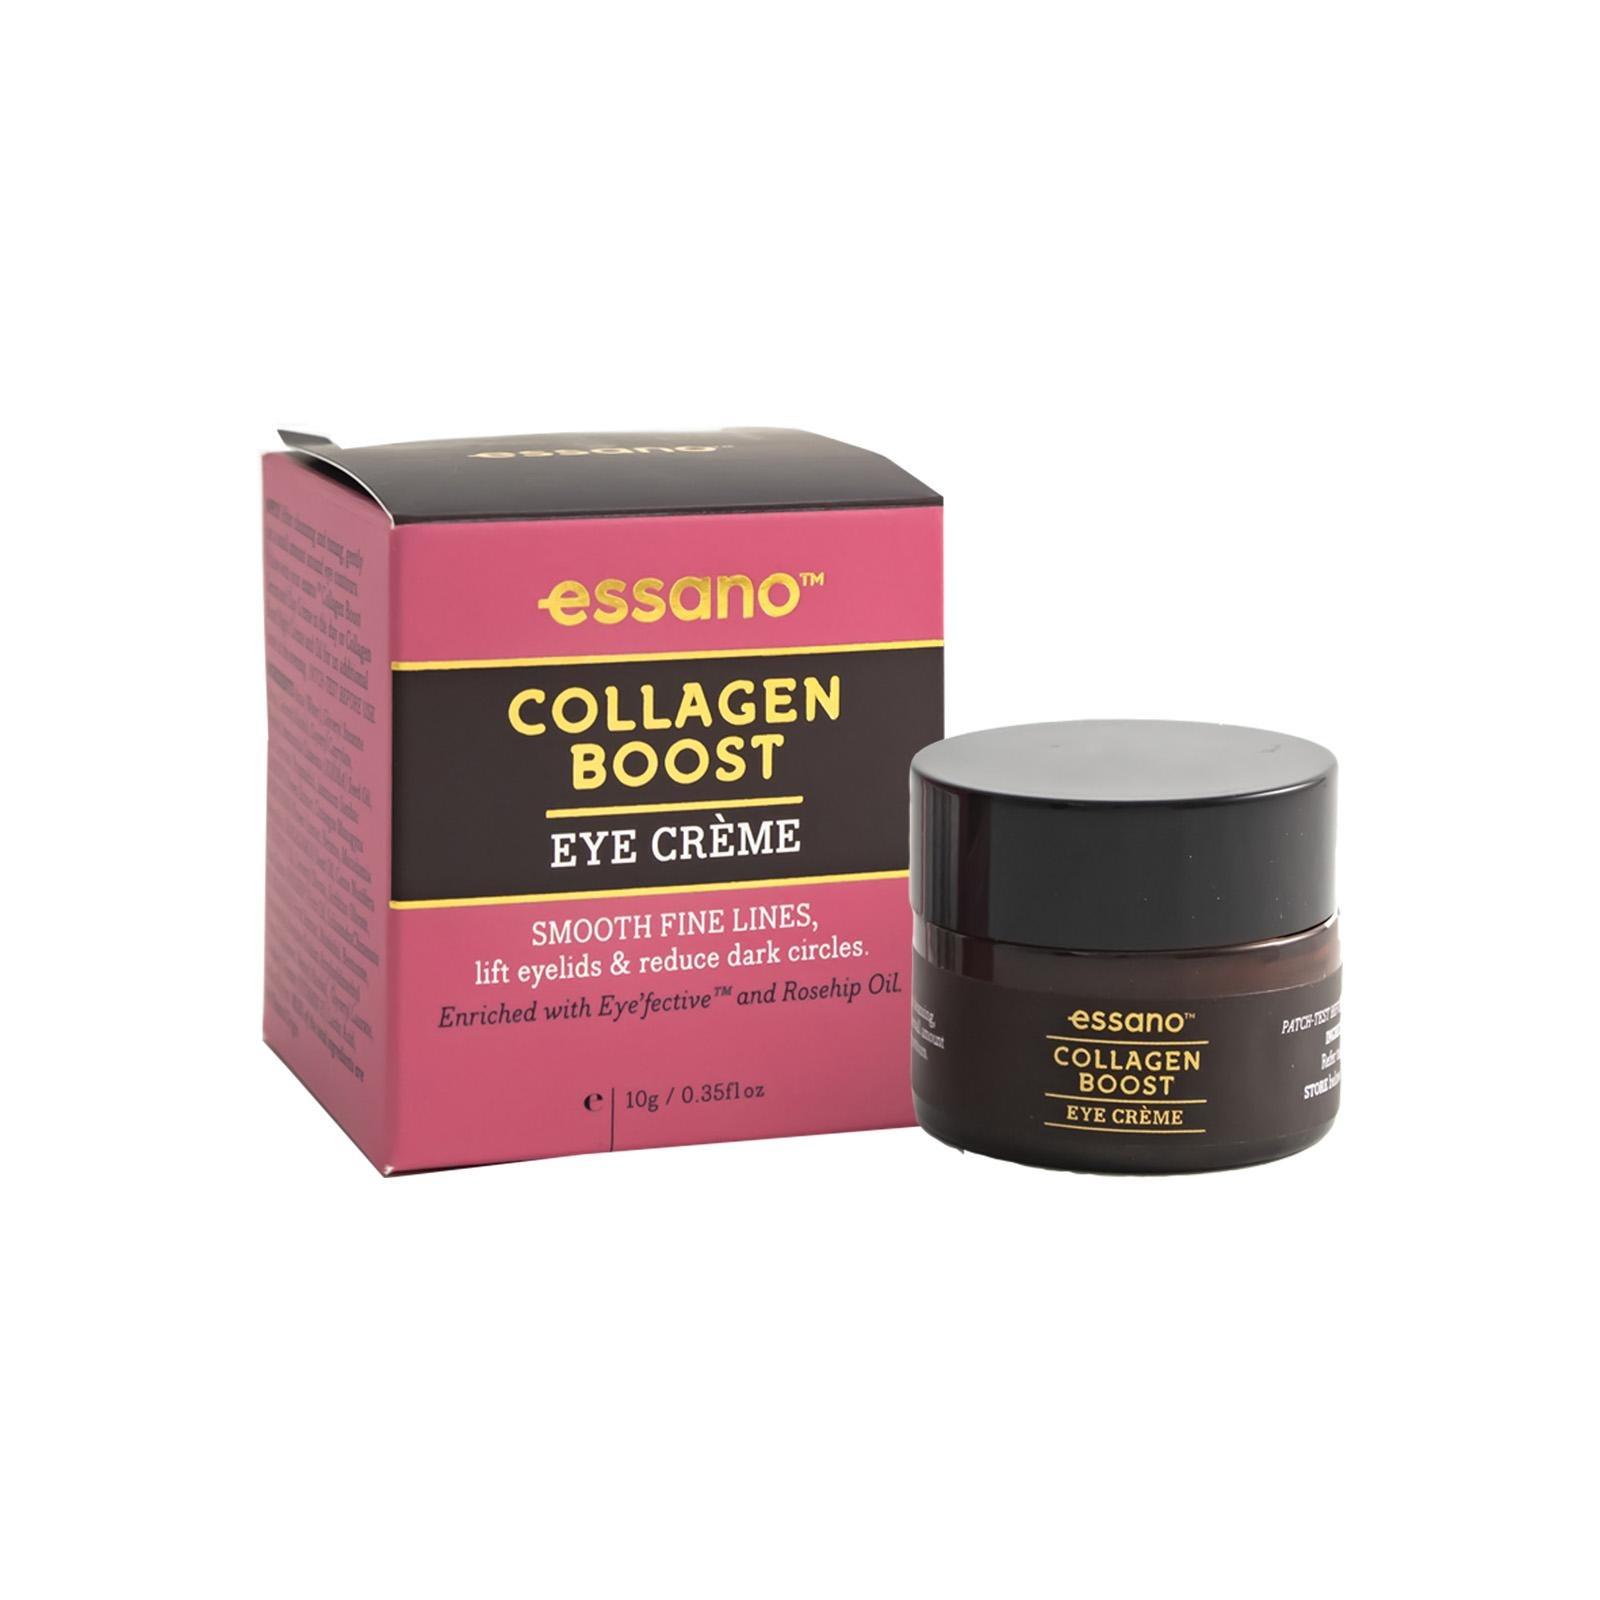 Essano Collagen Boost Eye Cream